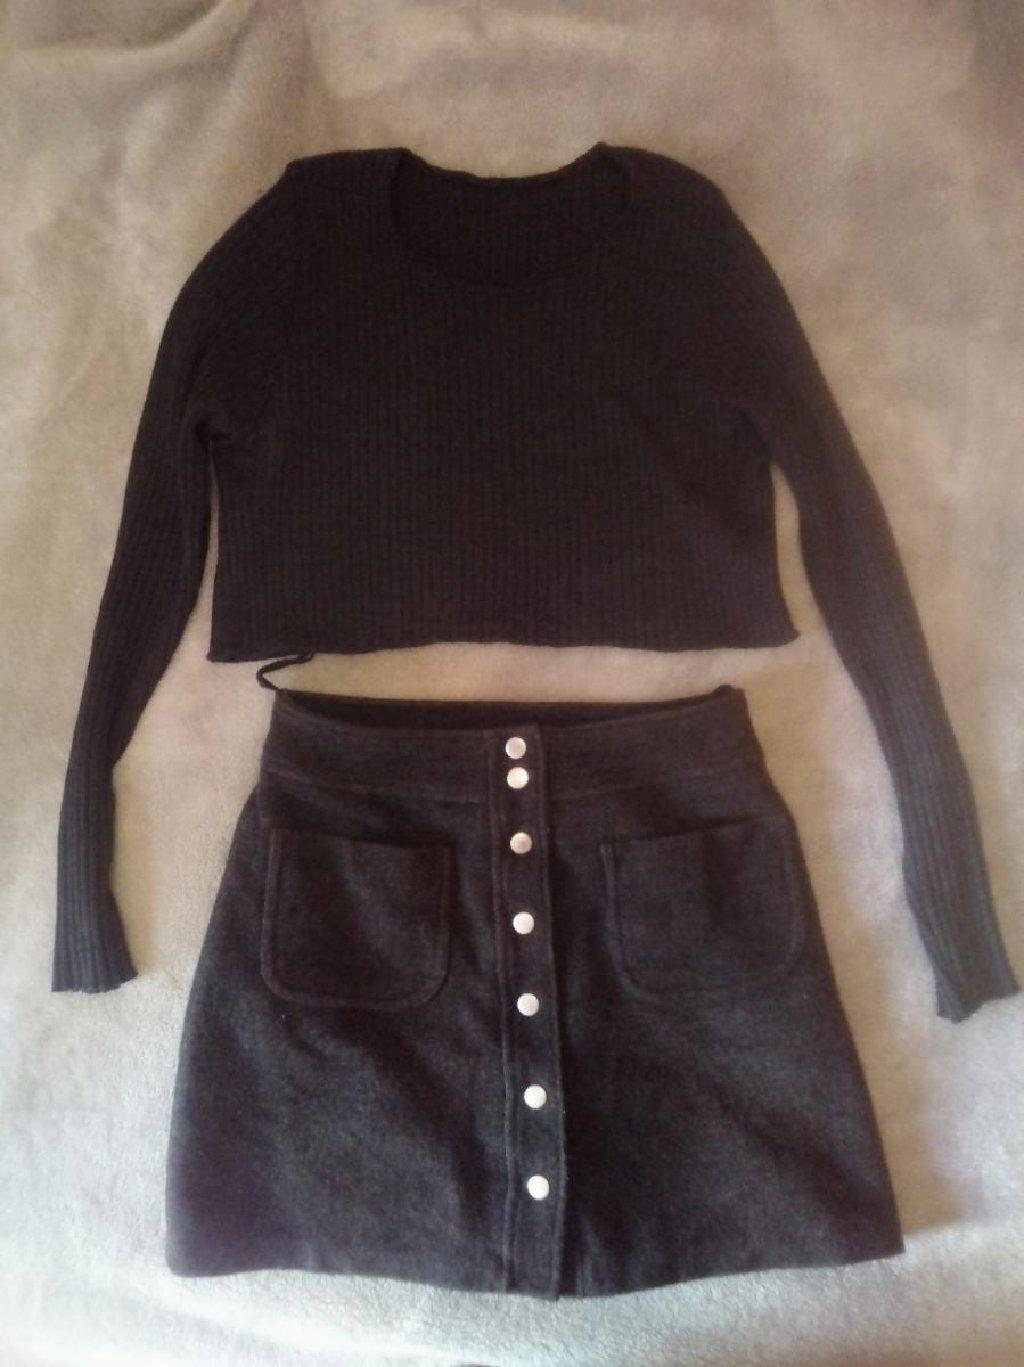 Short t-shirt and skirt set